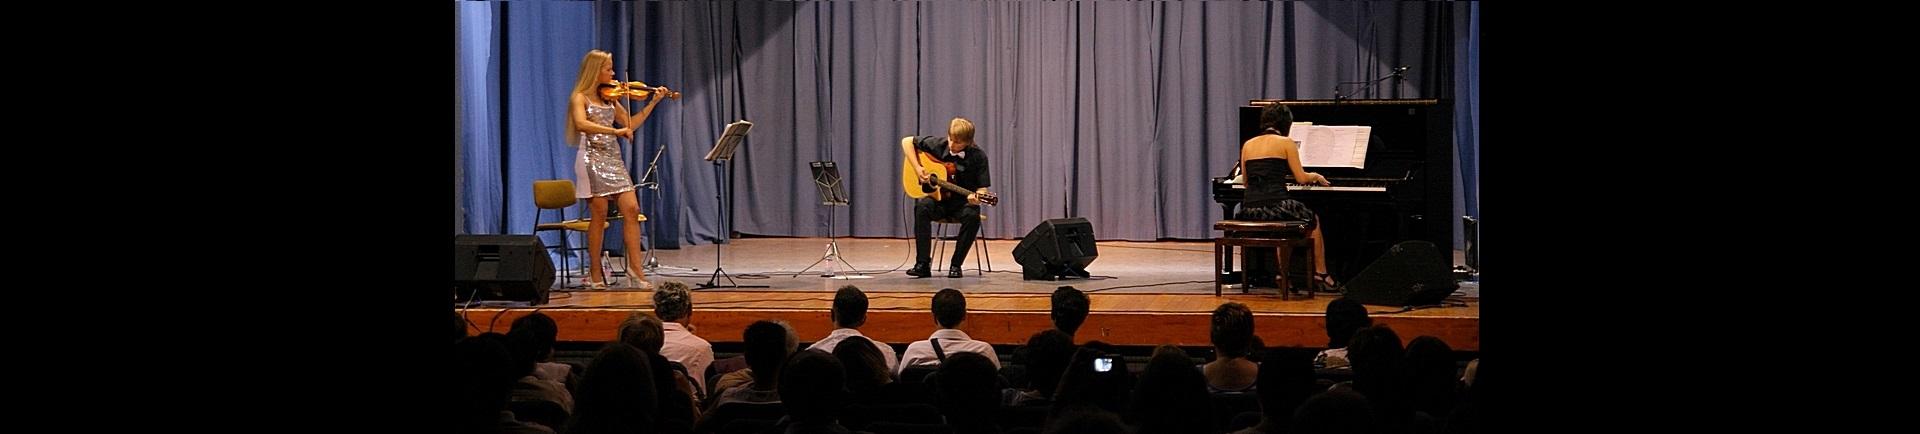 Glasbena skupina Glissando - edinstvena glasbena trojica (violina, klavir, kitara)